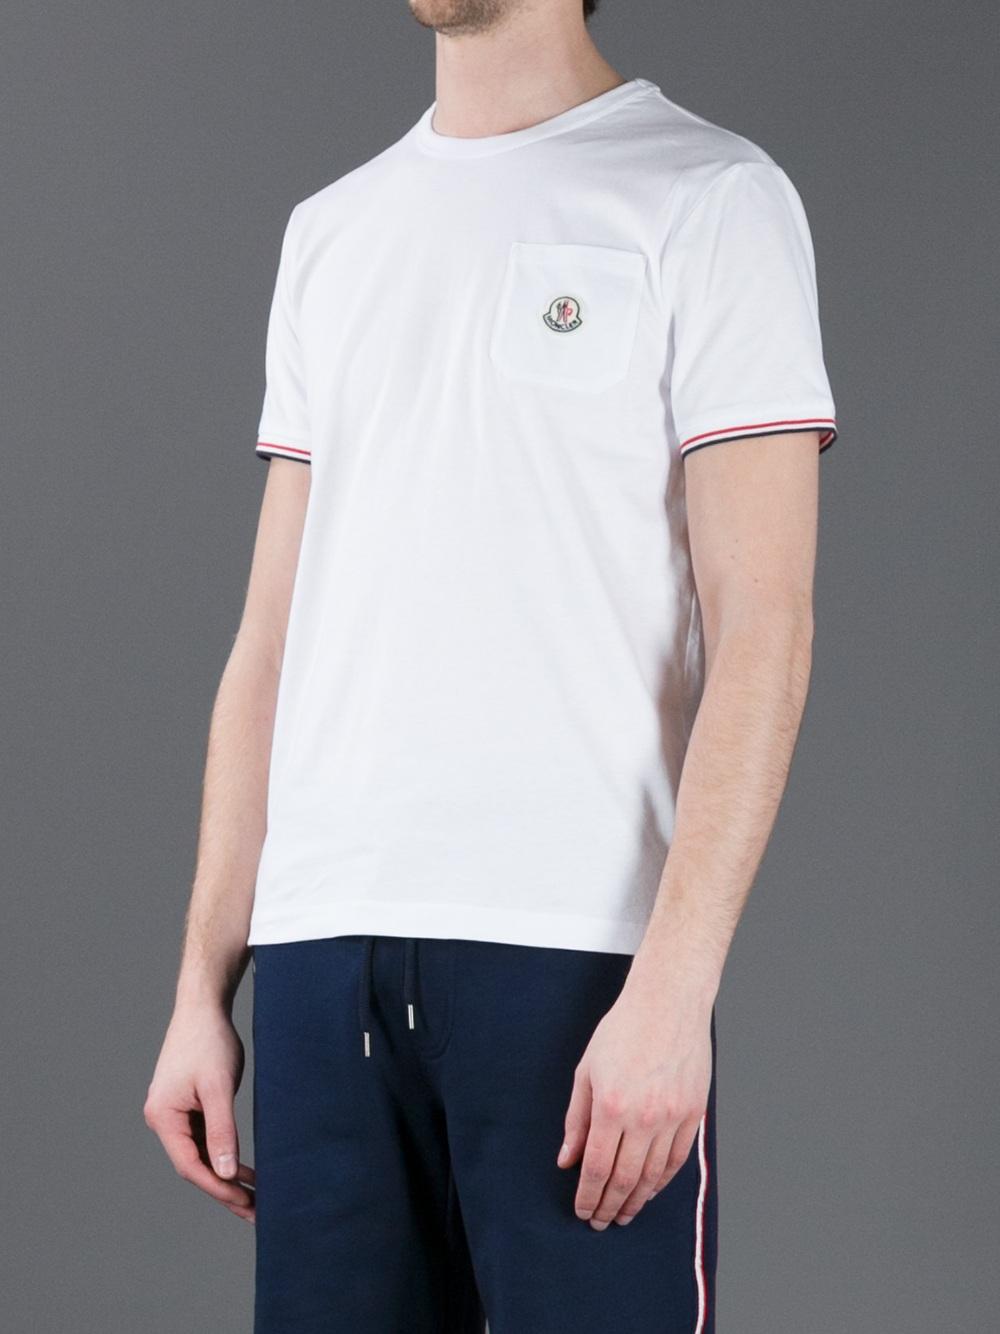 White Linen Shirts For Men